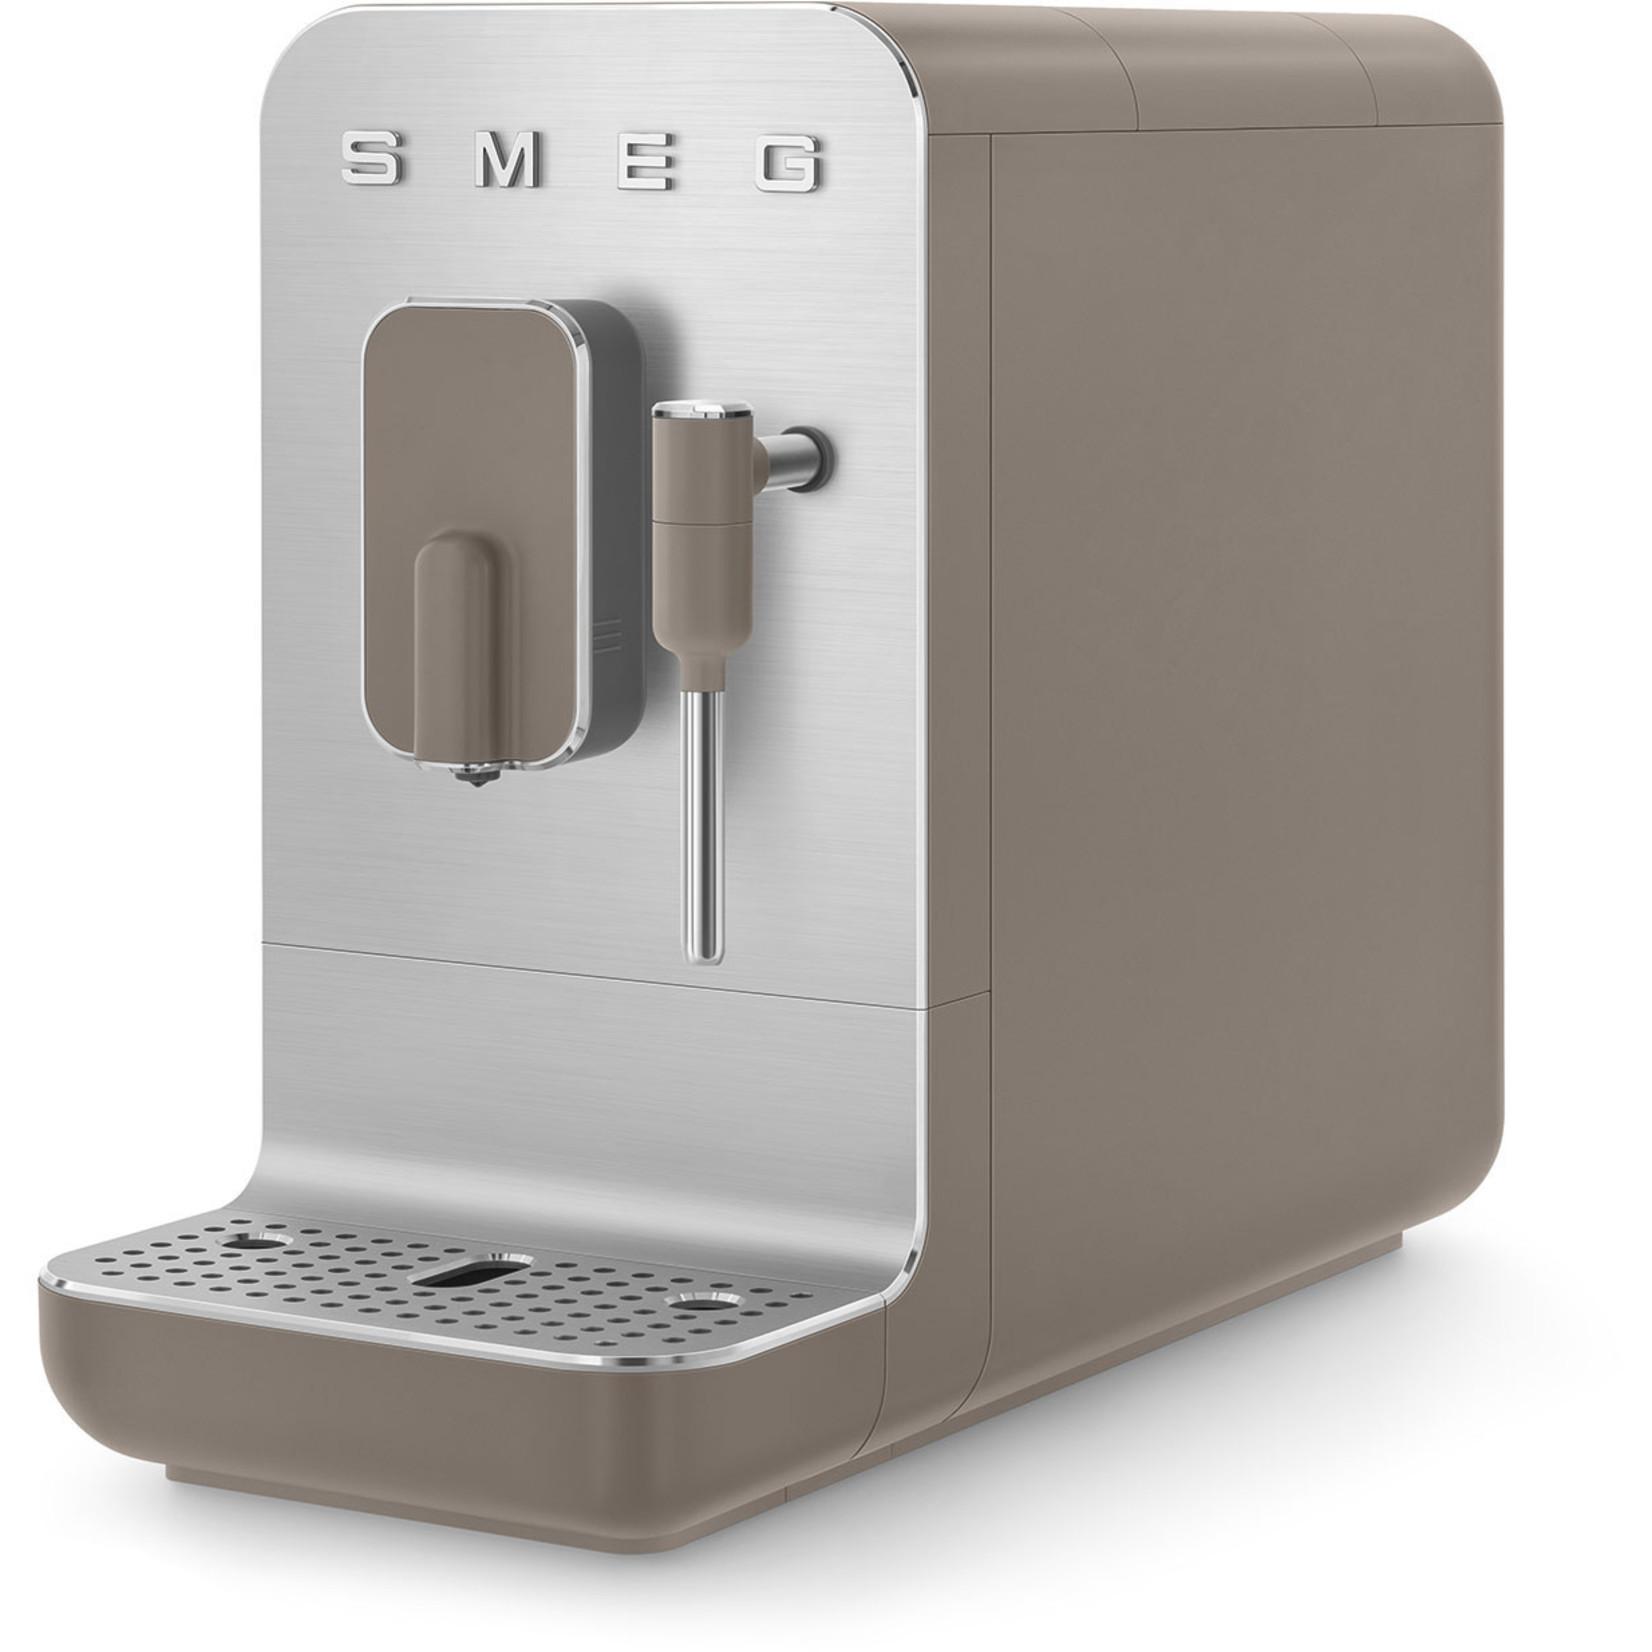 Smeg Smeg espressomachine medium, mat taupe, met stoomfunctie